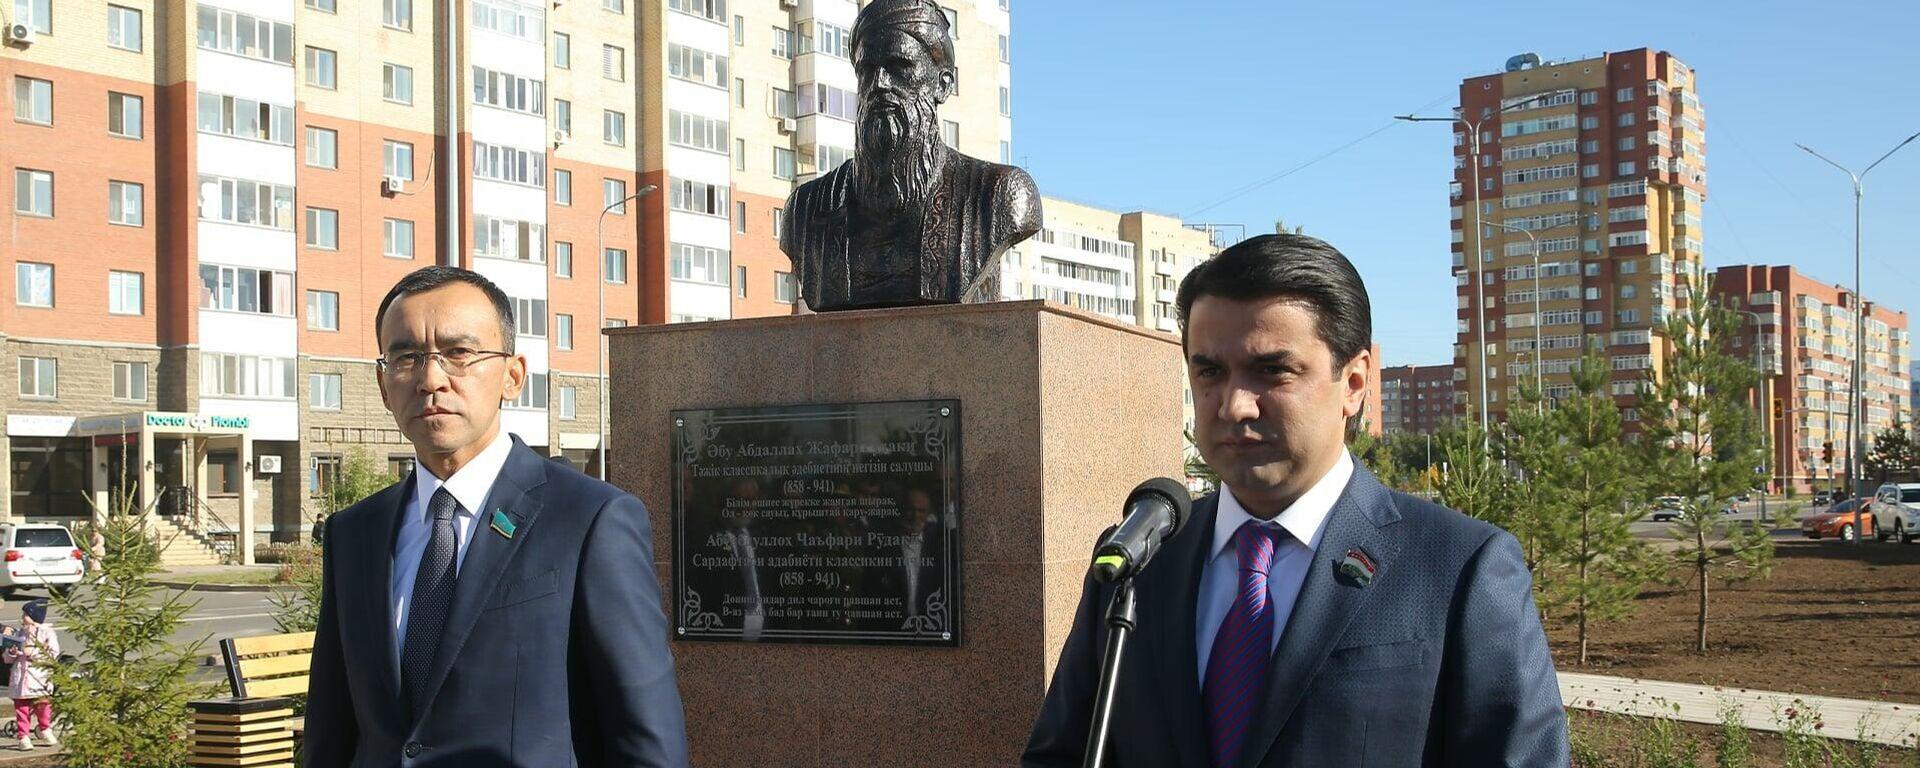 Открытие бюста и улицы Рудаки в Нур-Султан - Sputnik Таджикистан, 1920, 24.09.2021